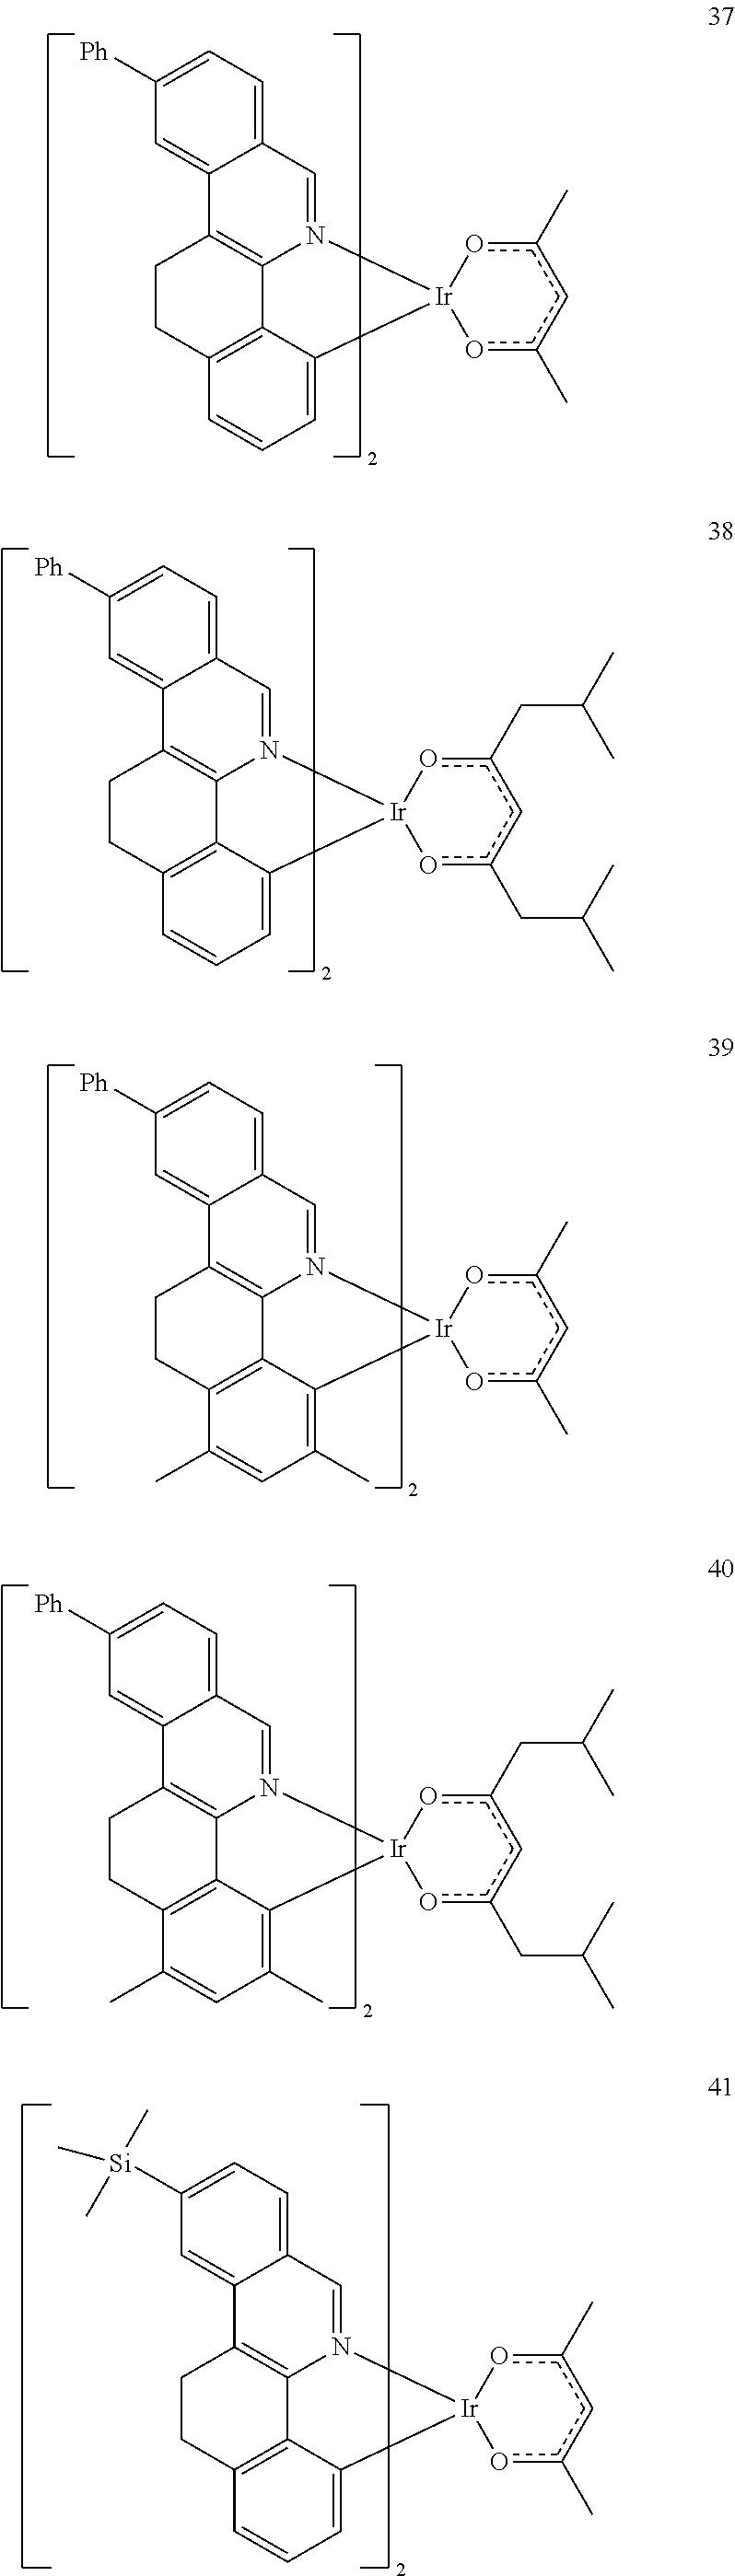 Figure US20130032785A1-20130207-C00224